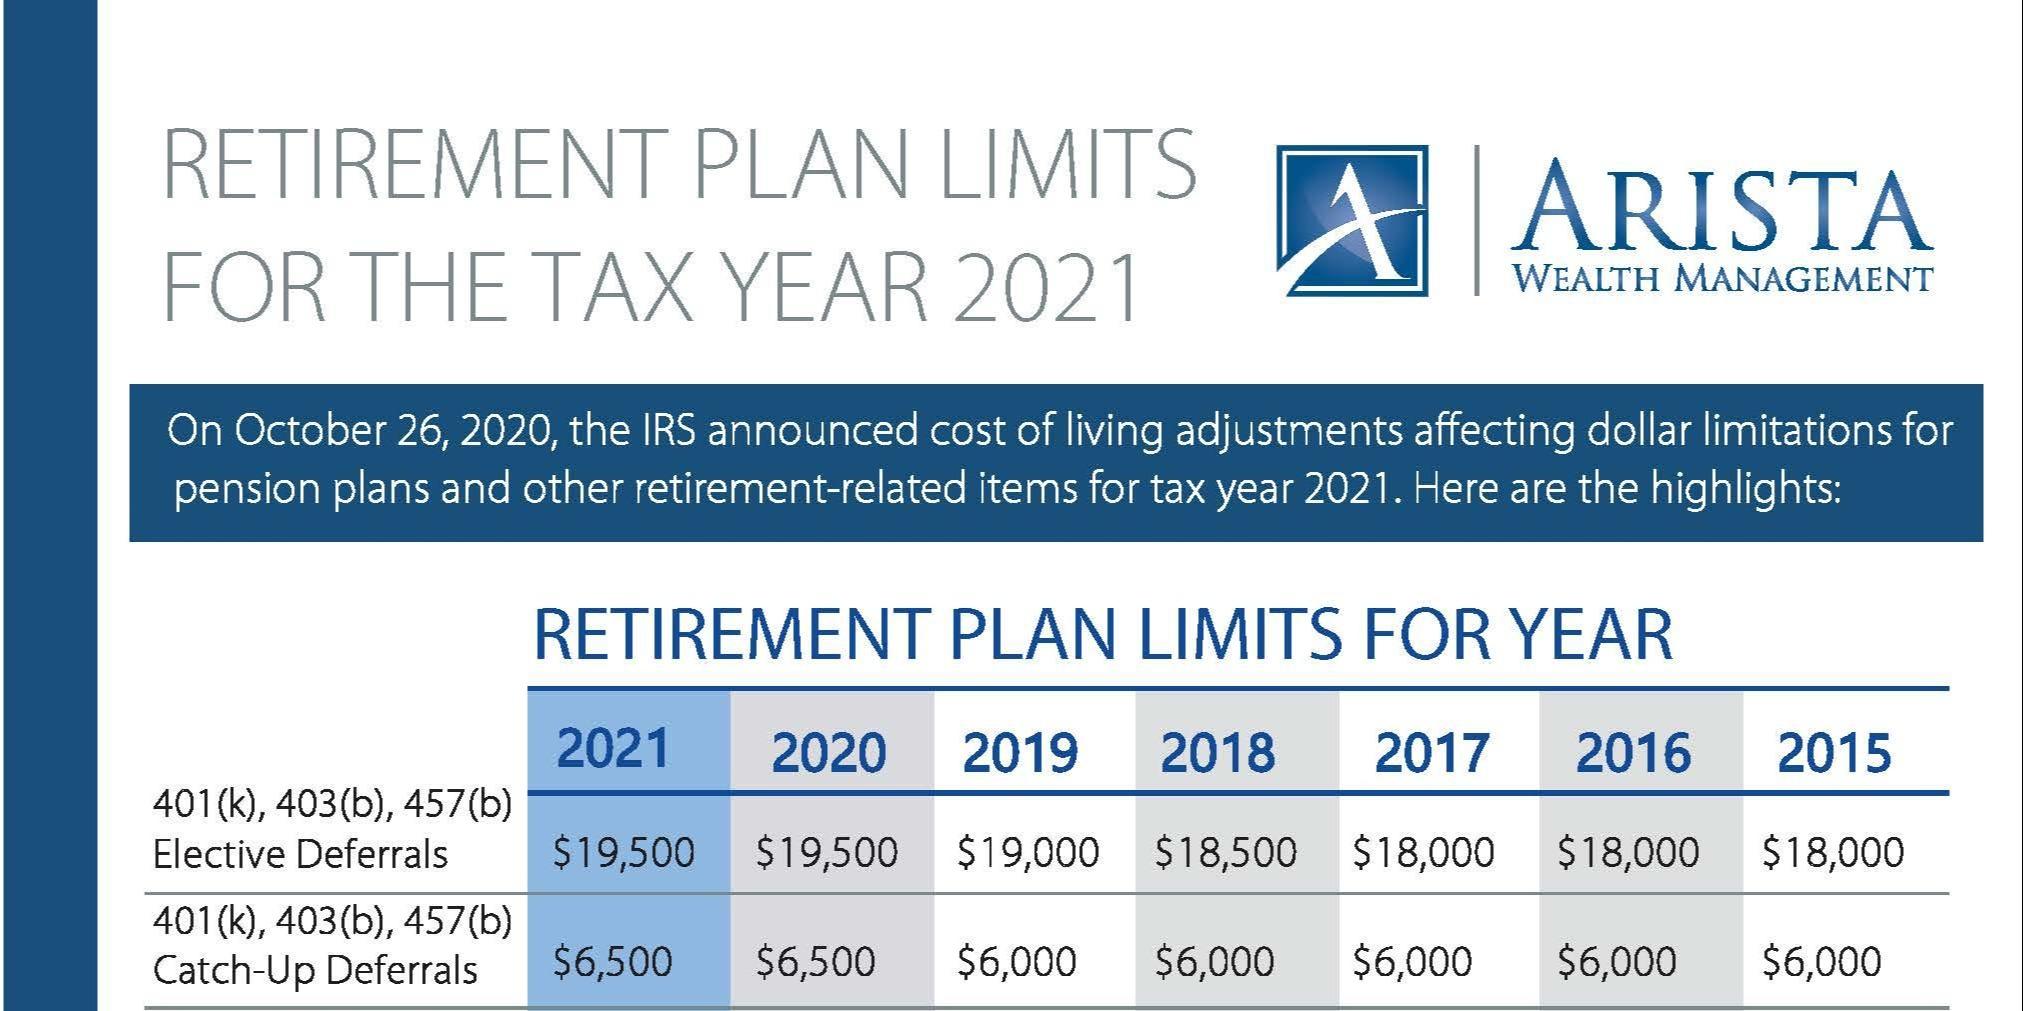 AWM 2021 Retirement Plan Limits Thumbnail